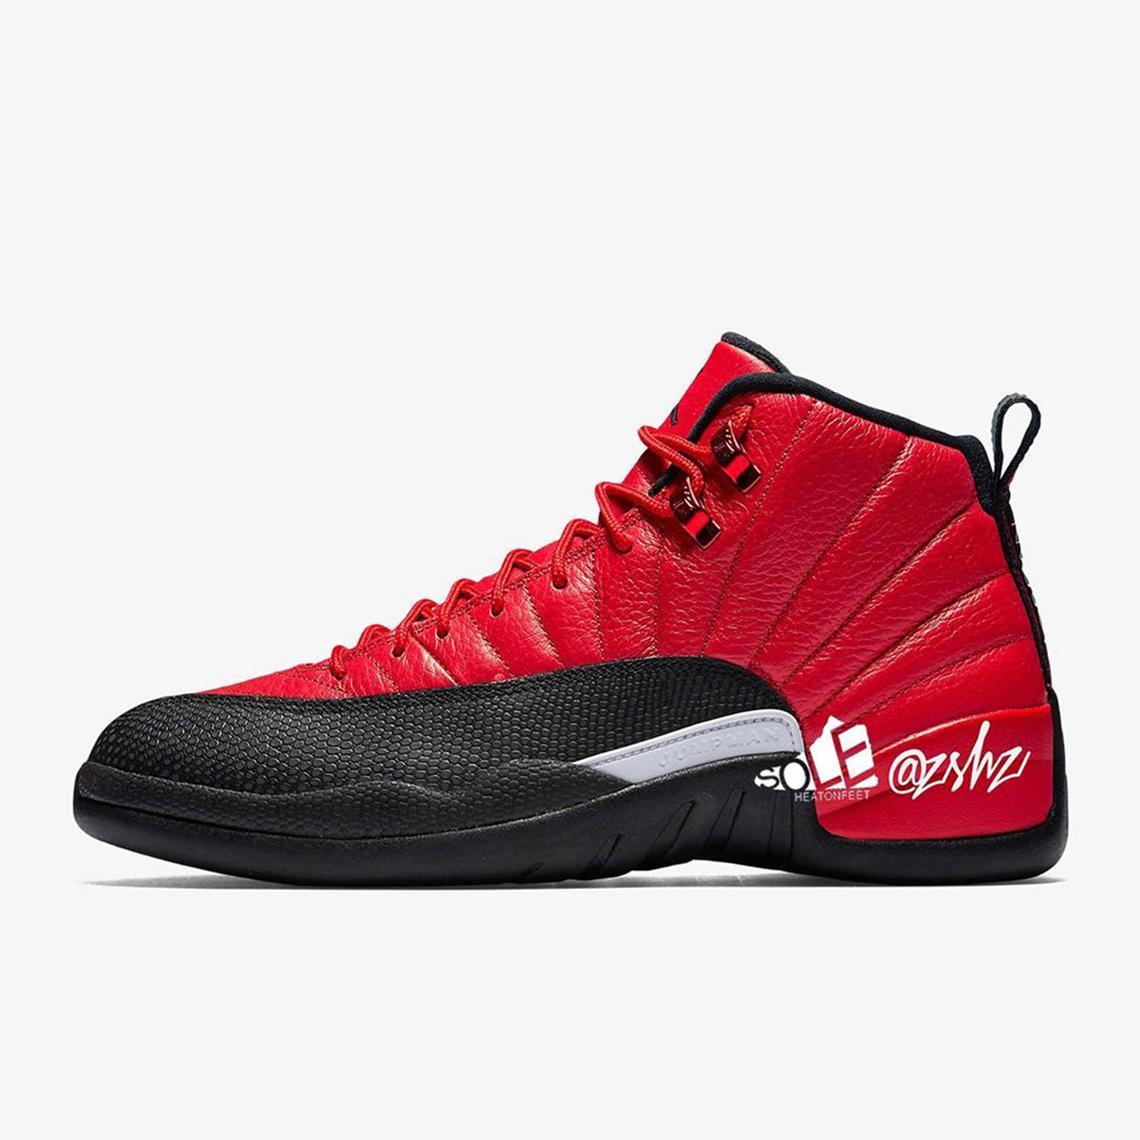 Air Jordan 12 Reverse Flu Game Ct8013 602 Release Date Sneakernews Com